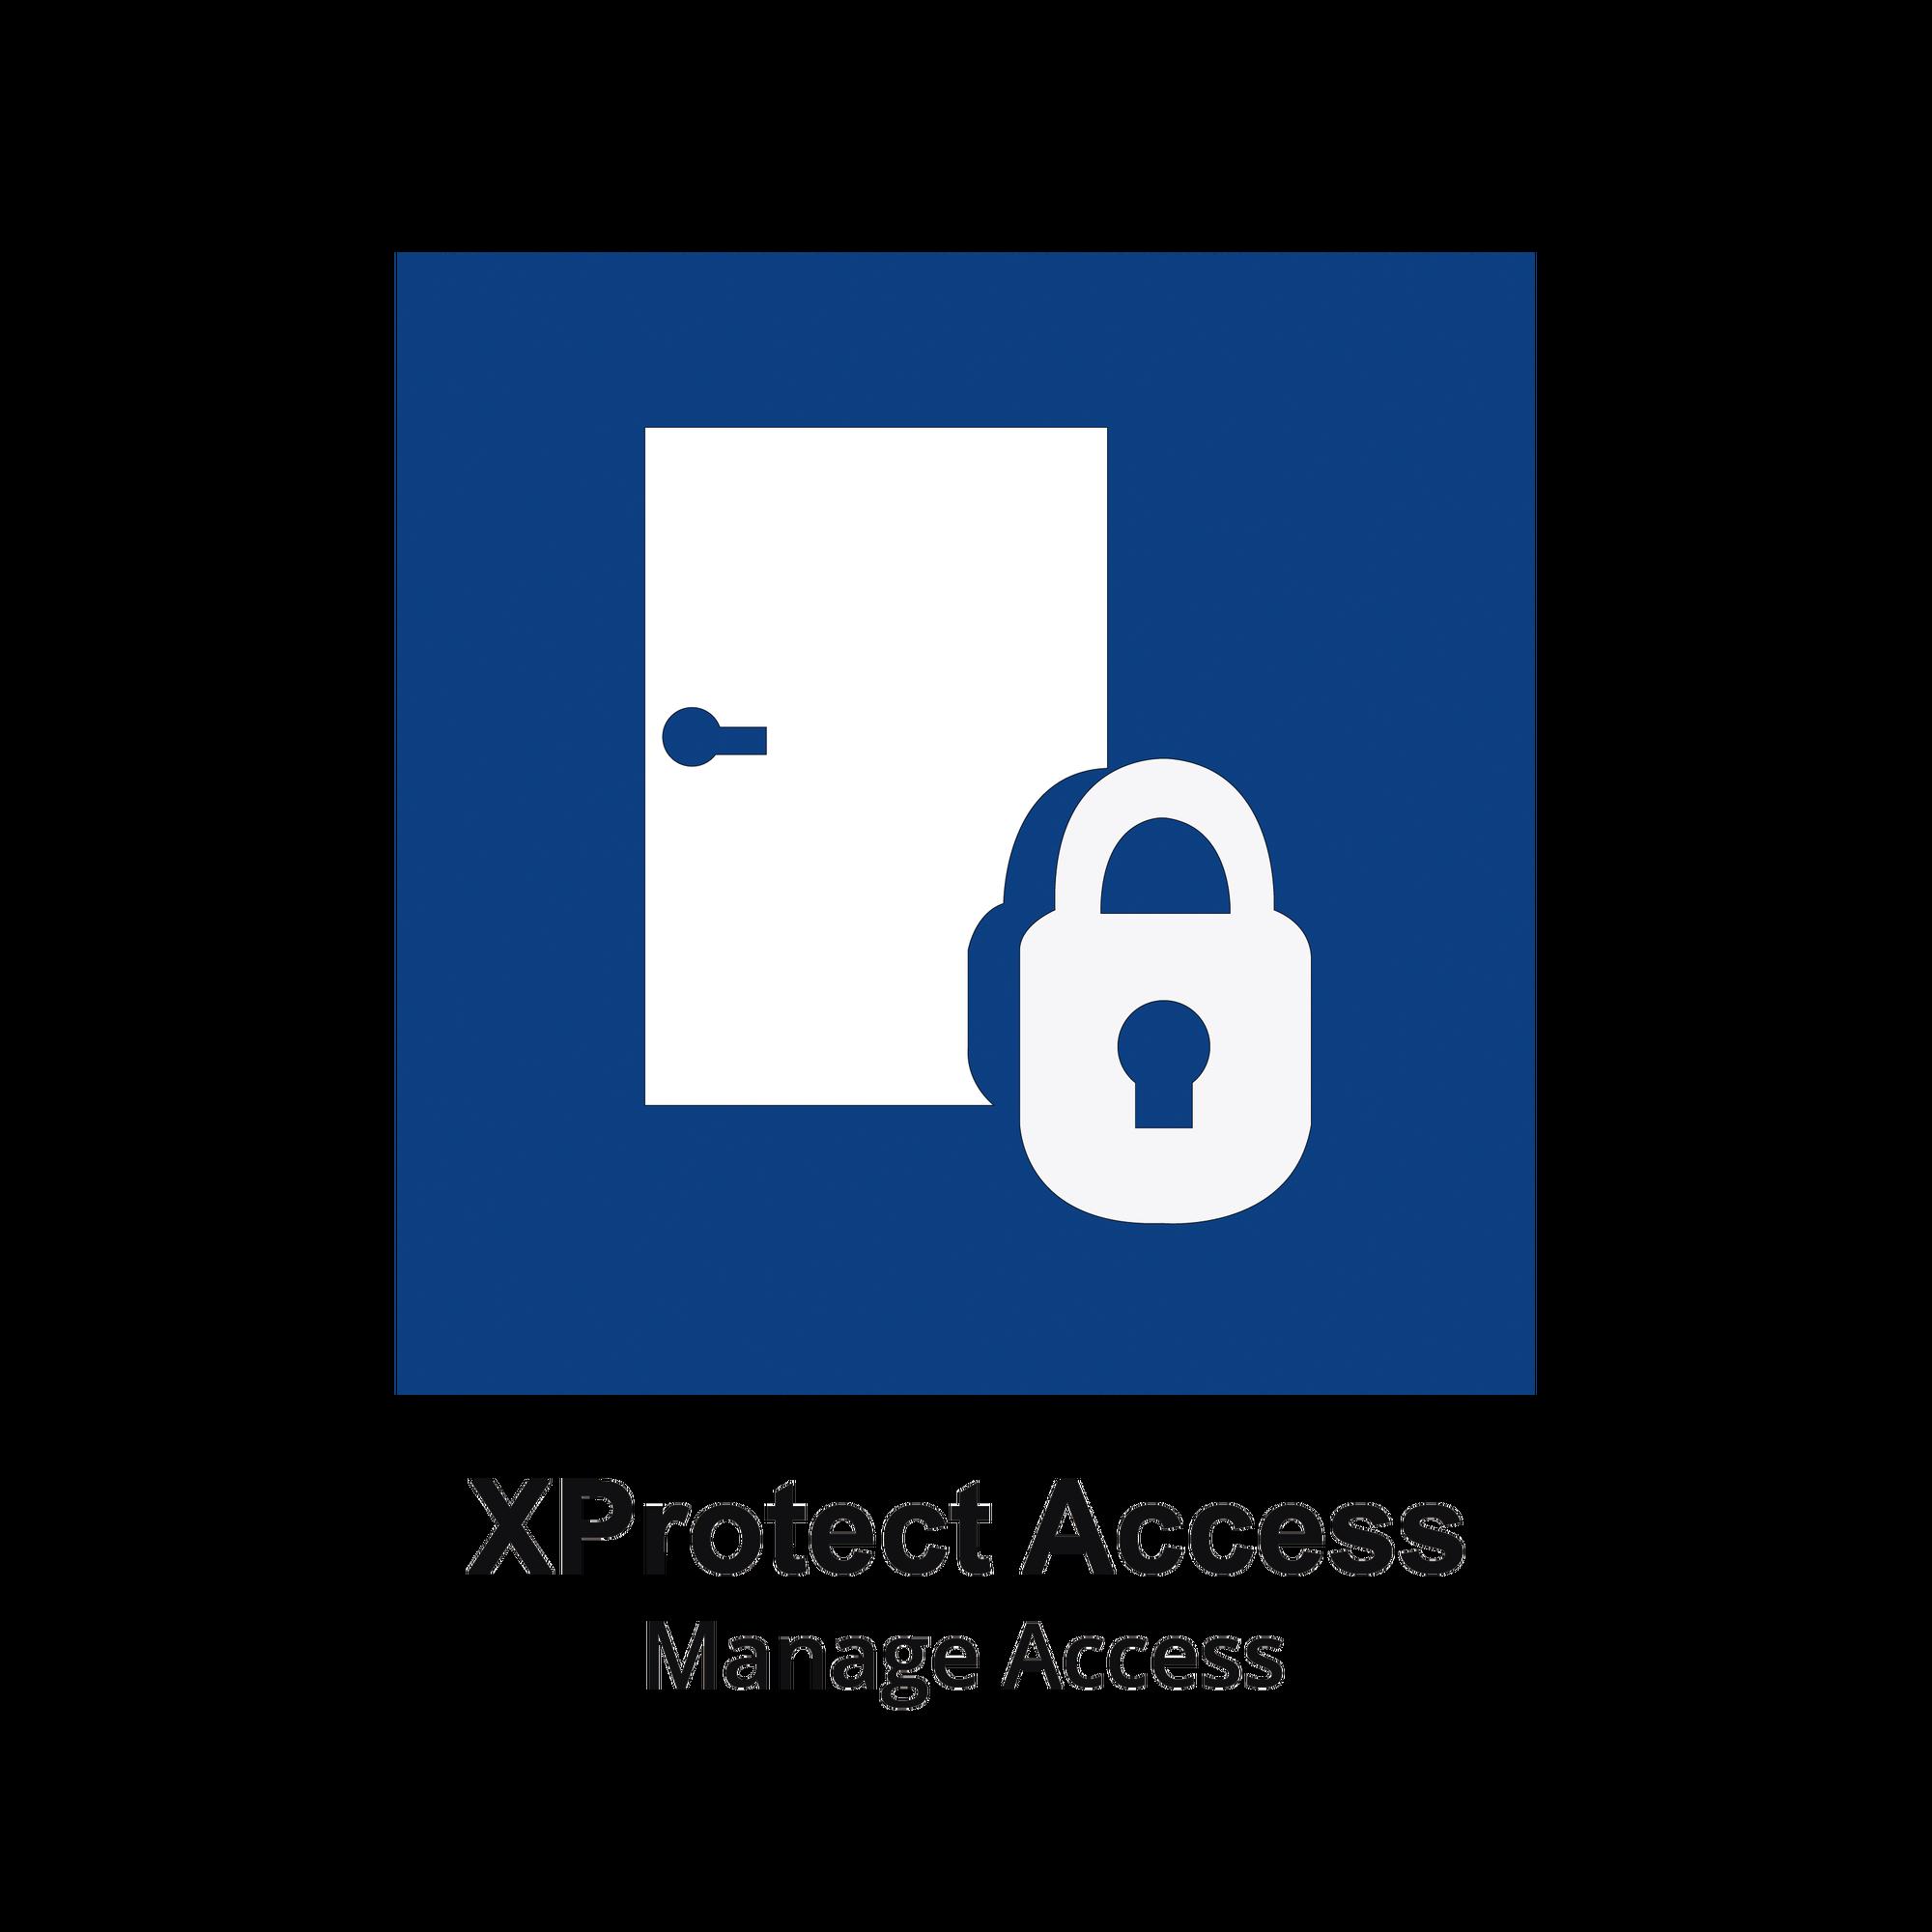 Licencia Base de XProtect Access Milestone para Integración